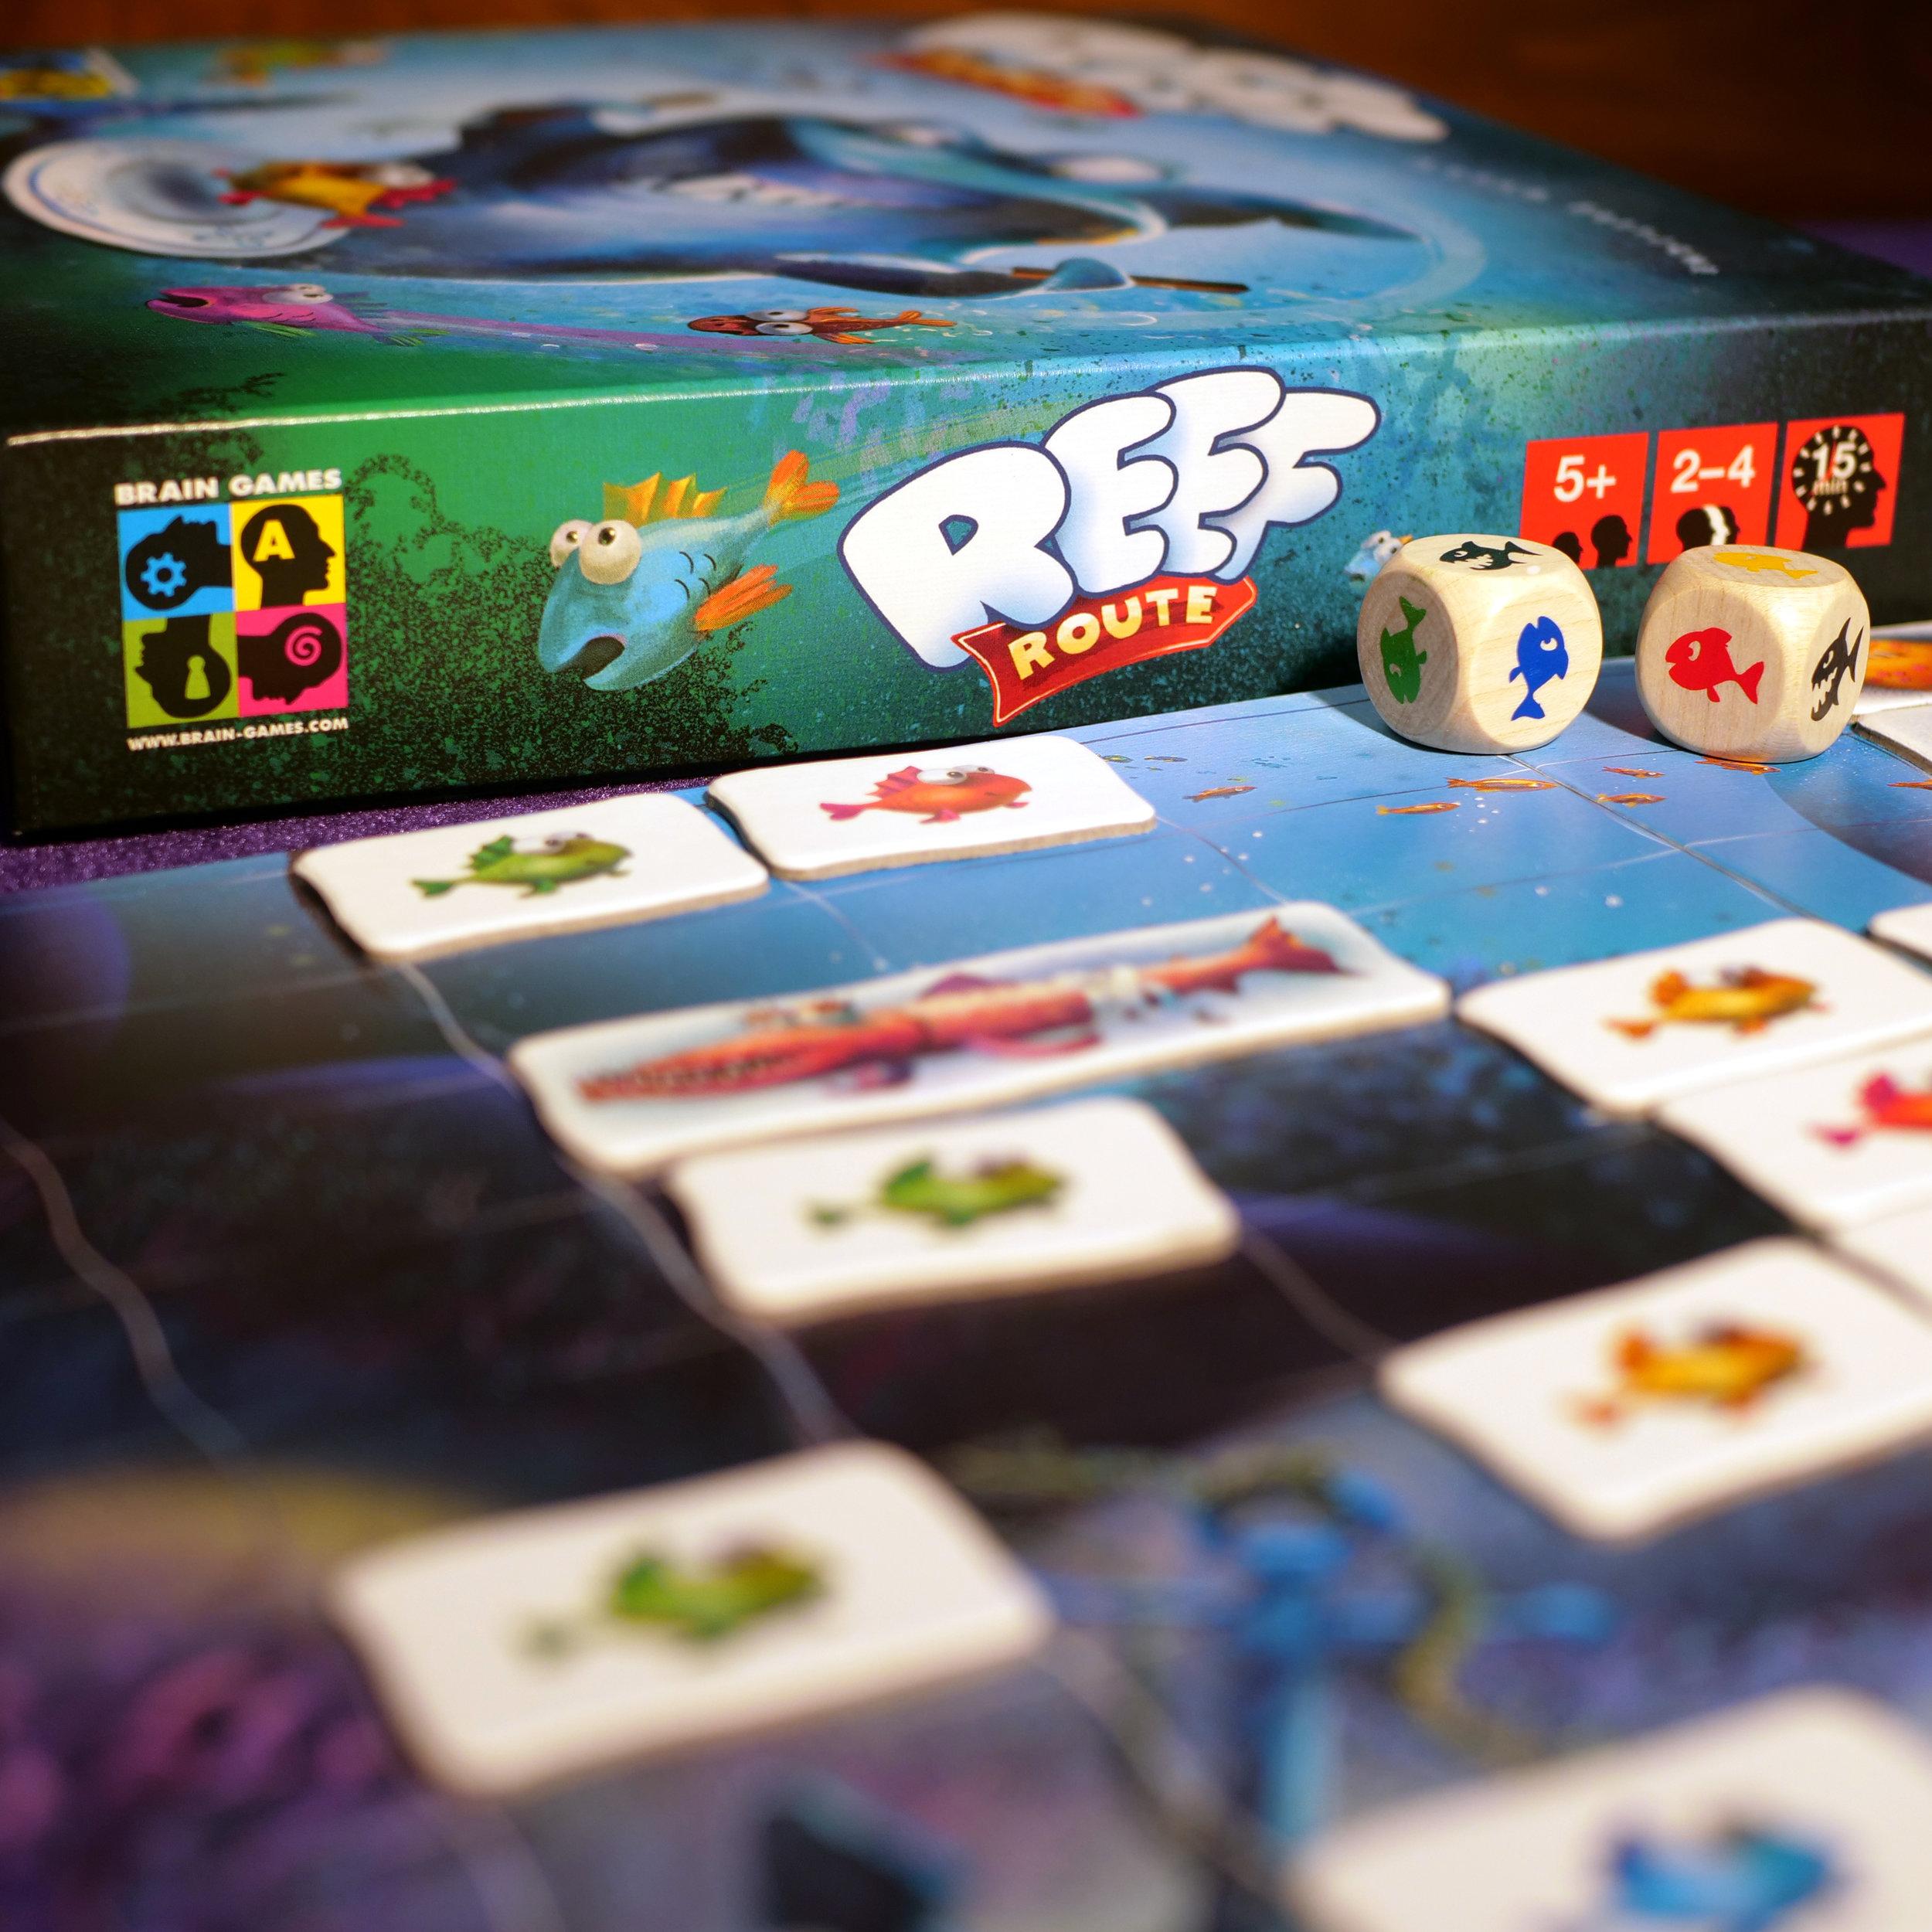 ReefRoute.jpg